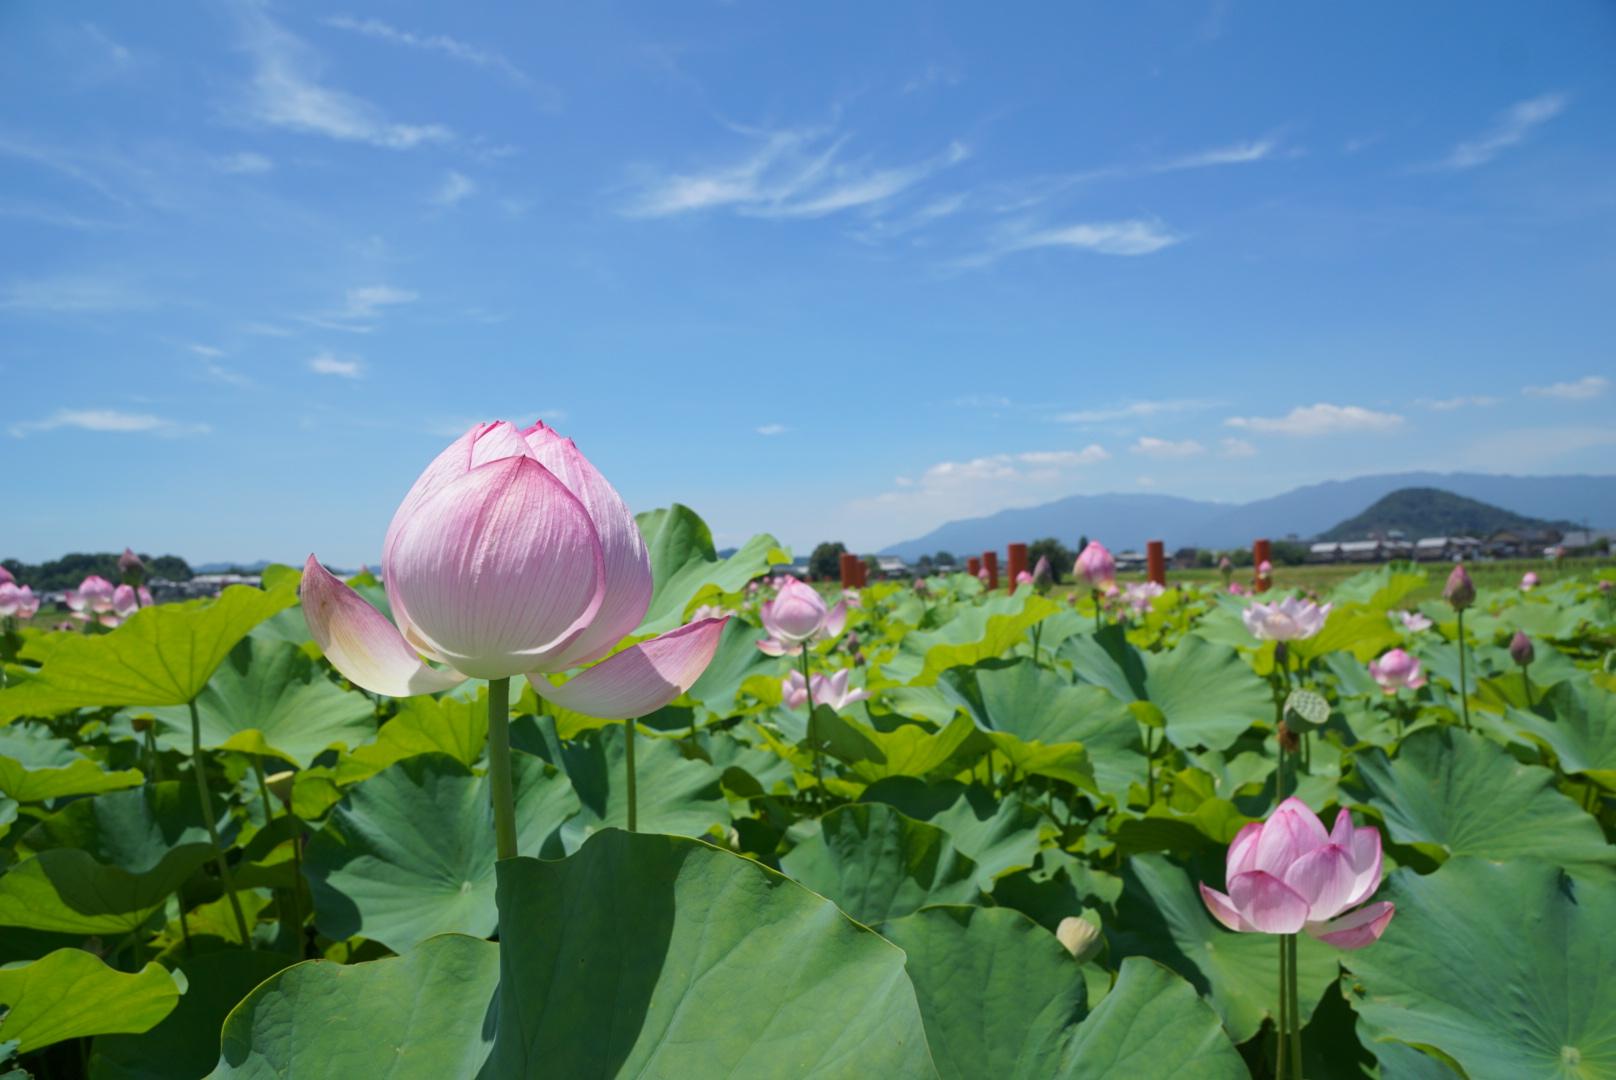 大和三山を望むことができ本当に綺麗なところです。